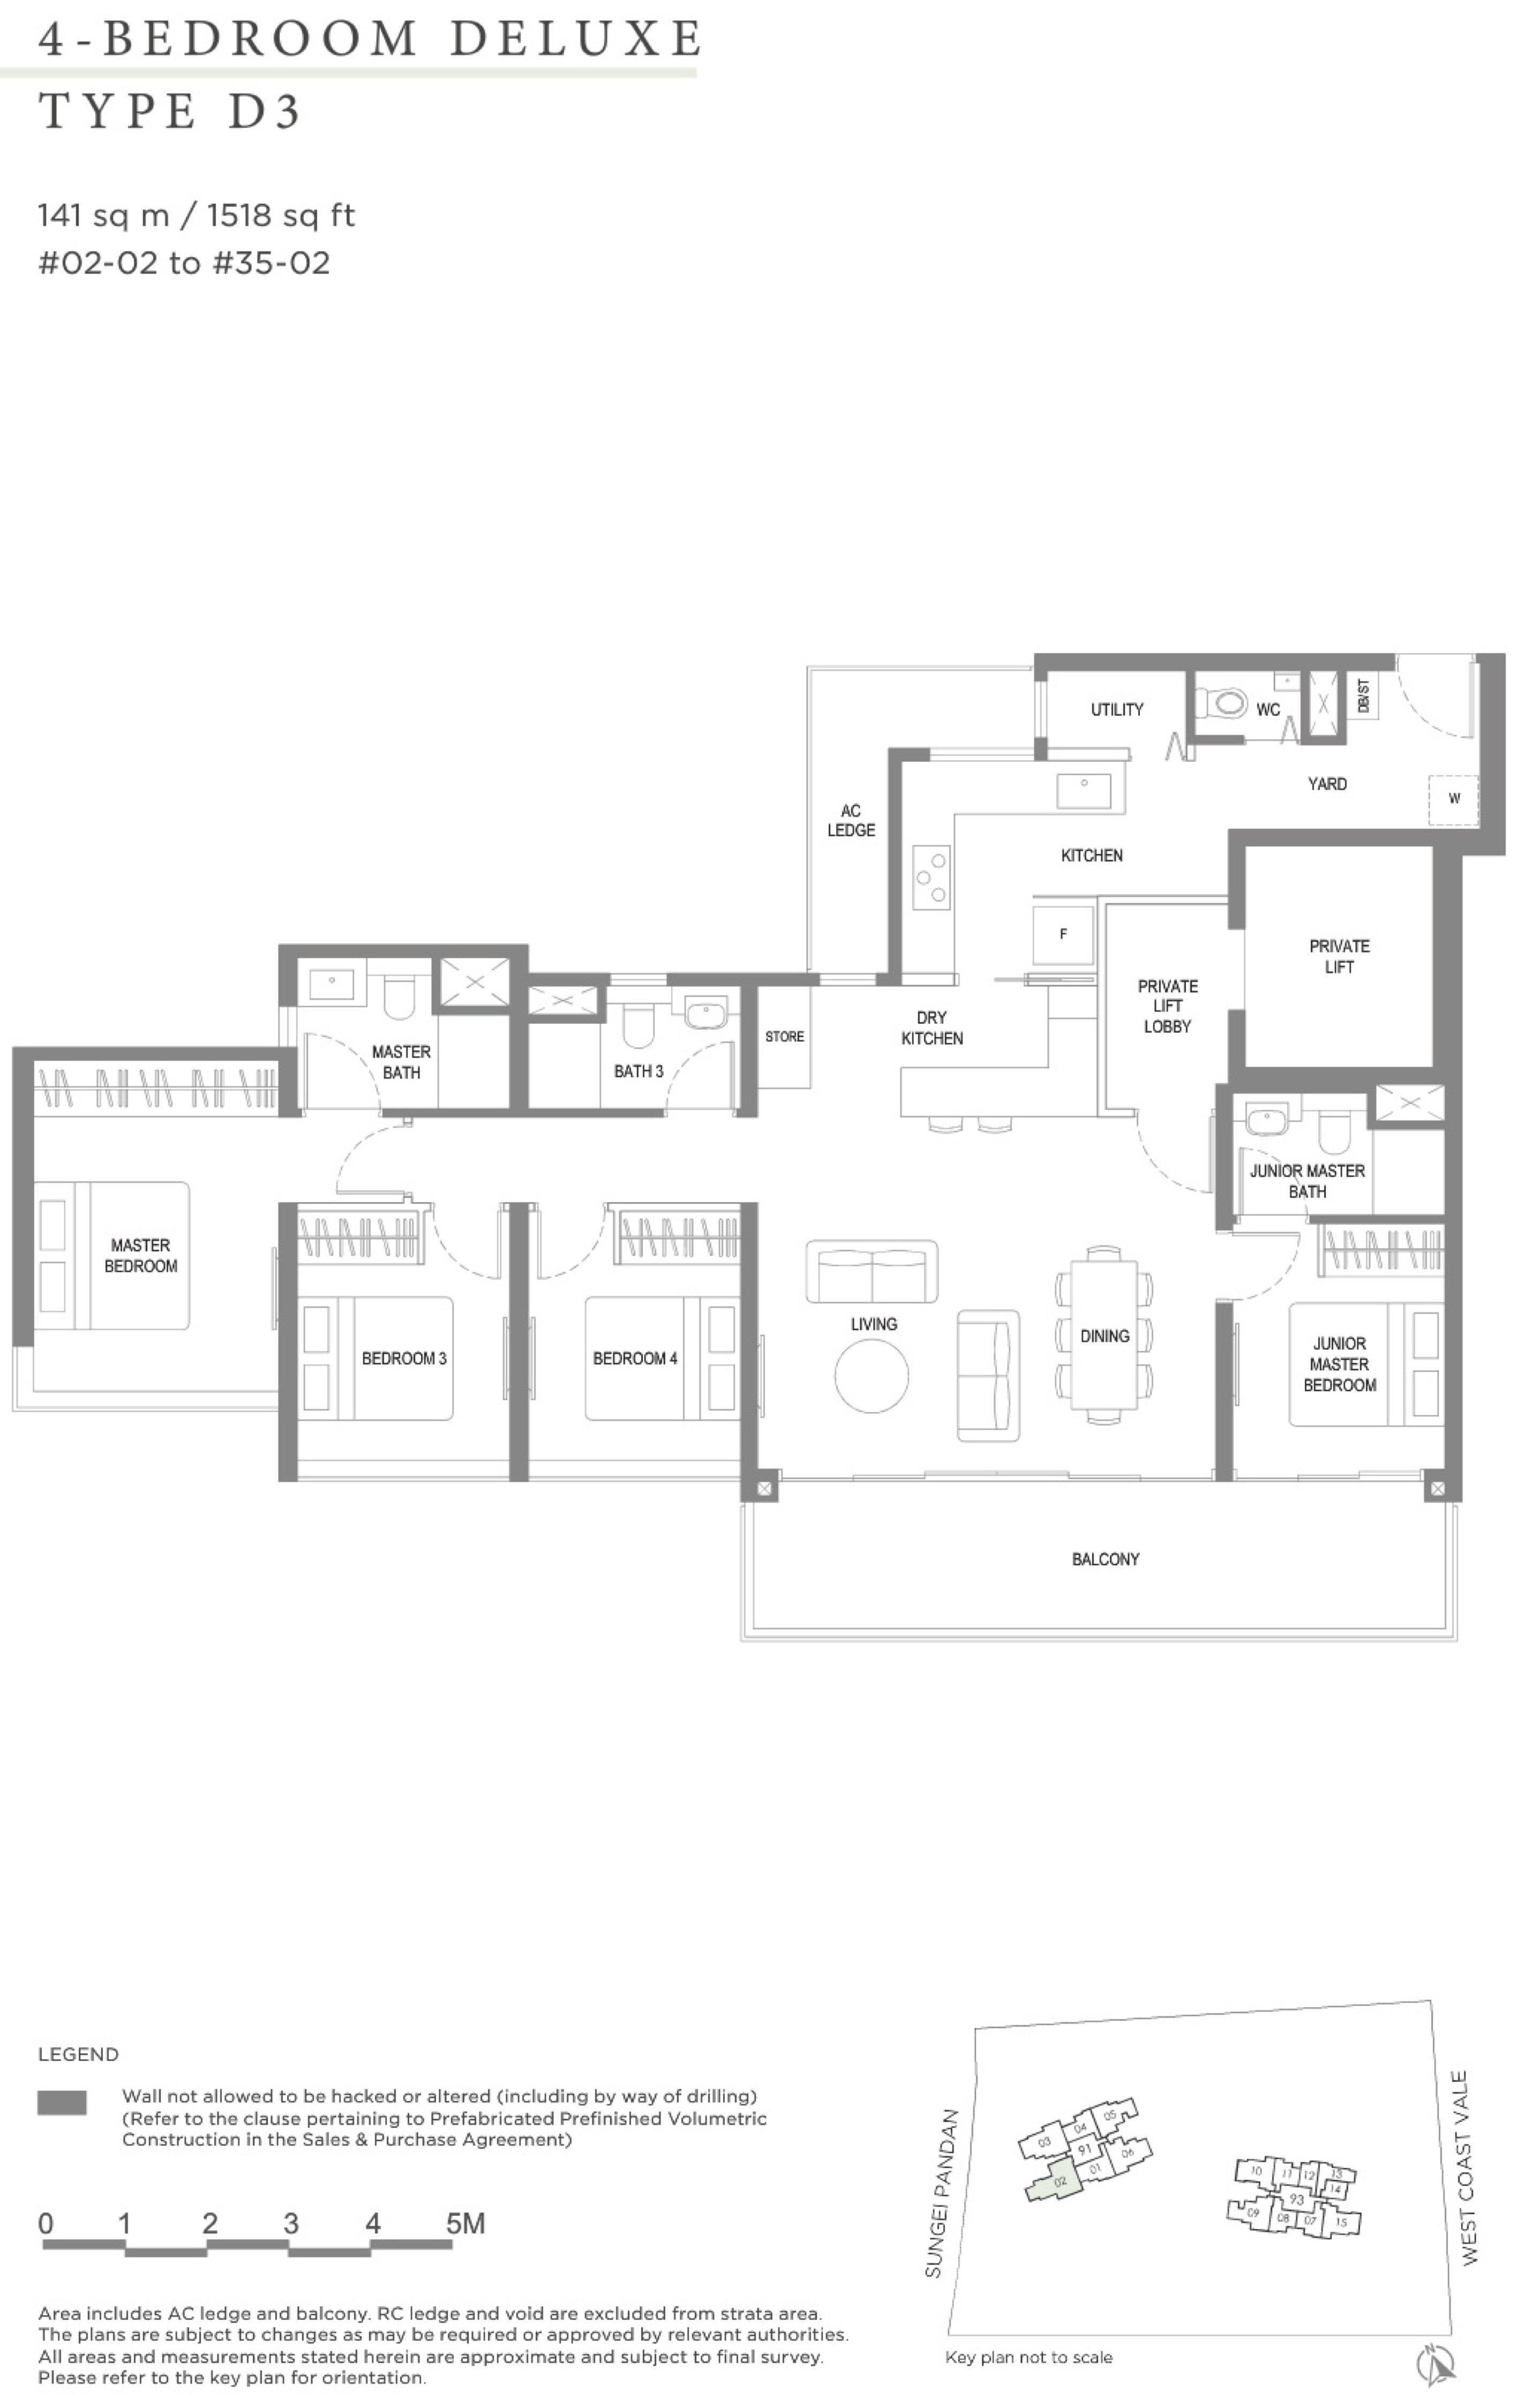 Twin VEW 4 bedroom deluxe D3 floor plan